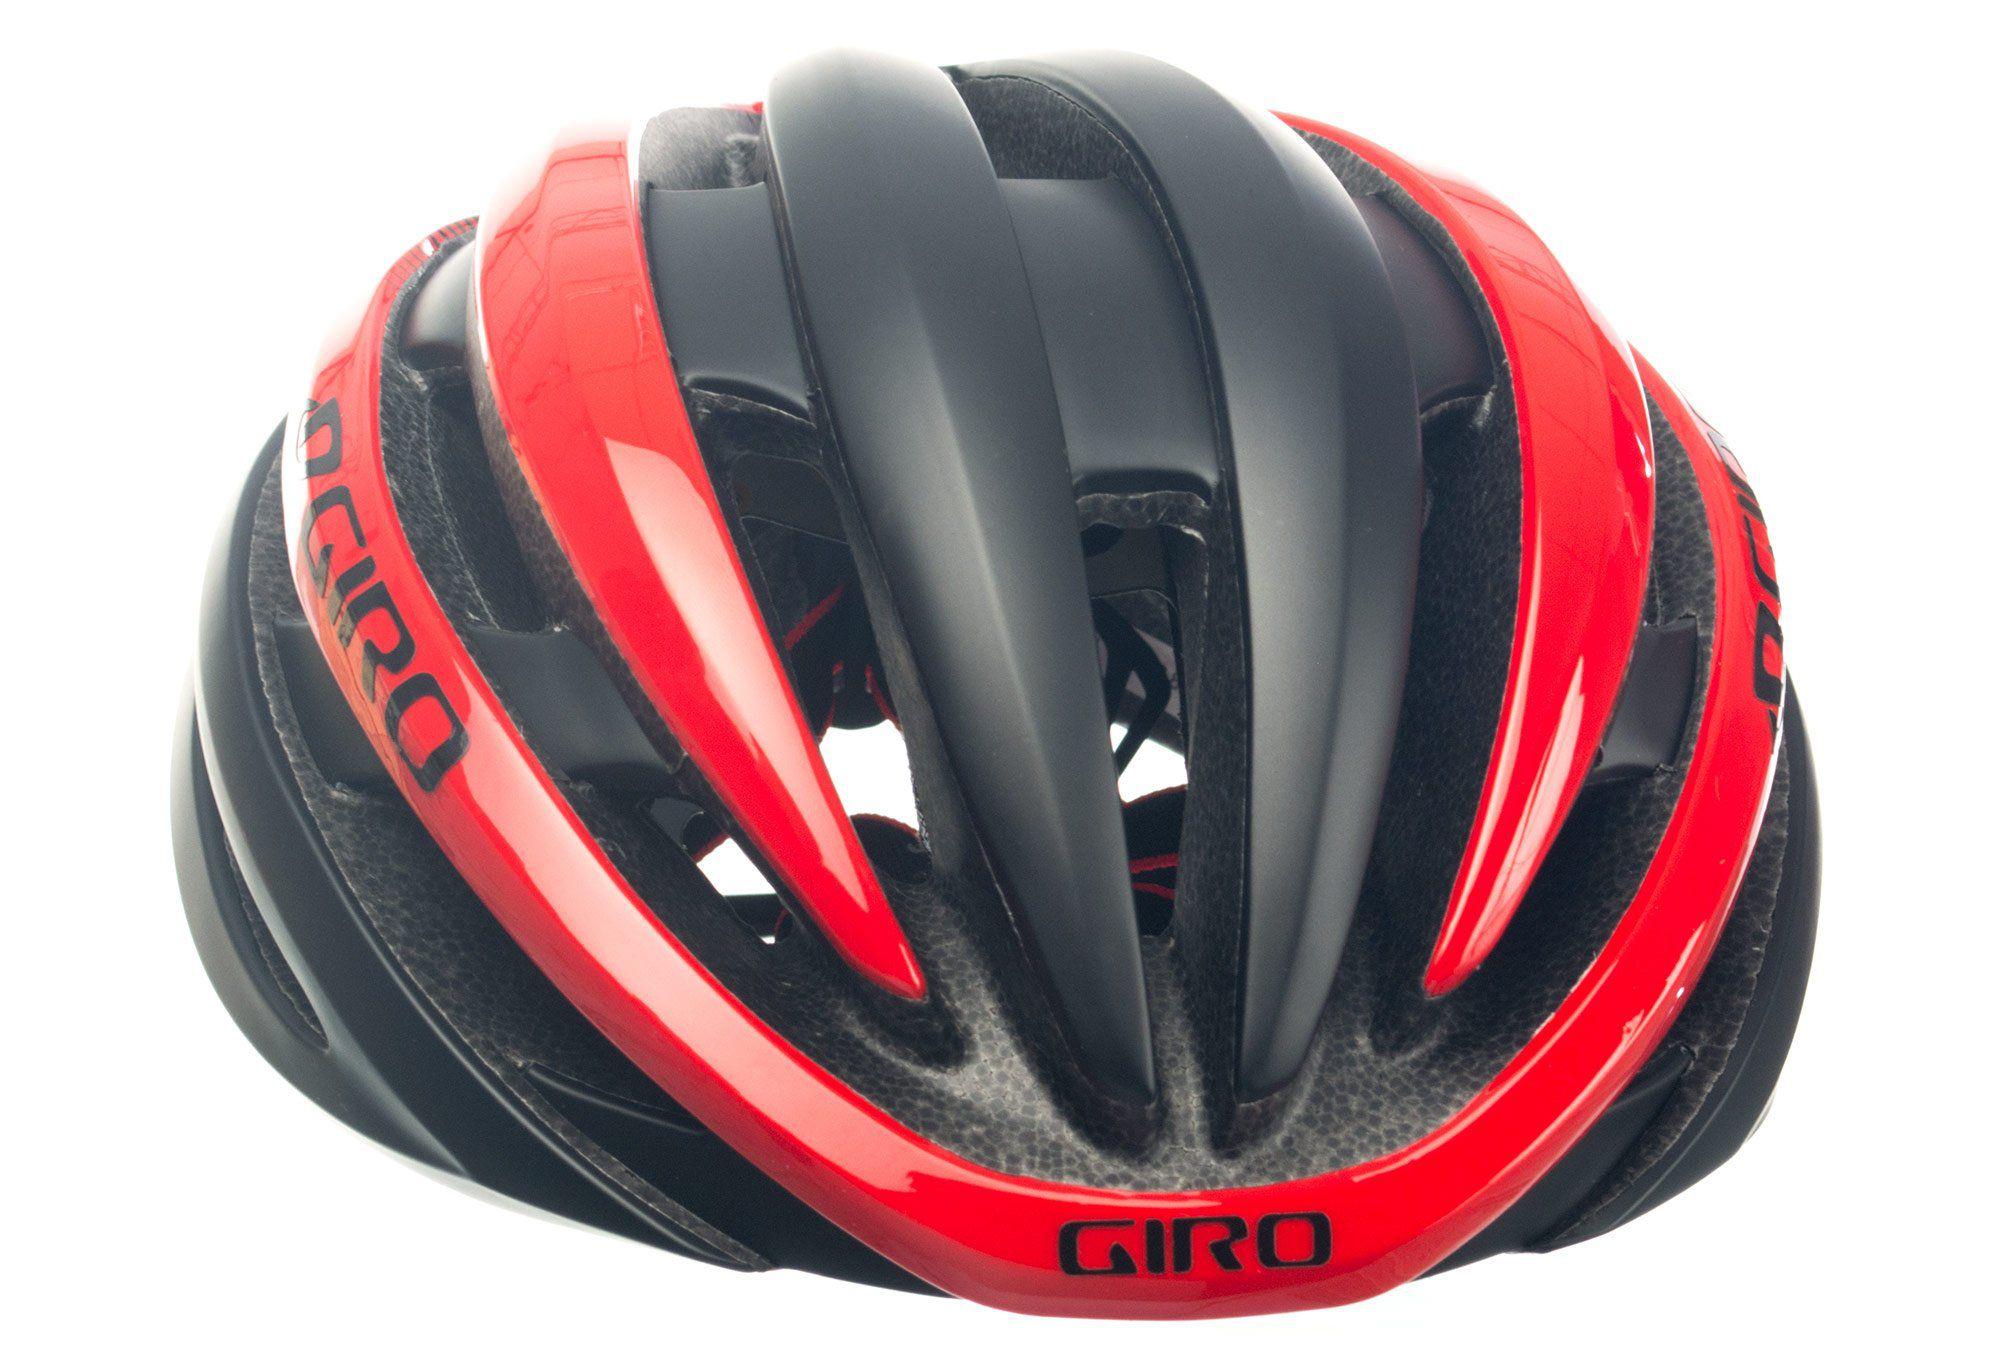 Capacete Giro Cinder  Mips - Preto e Vermelho